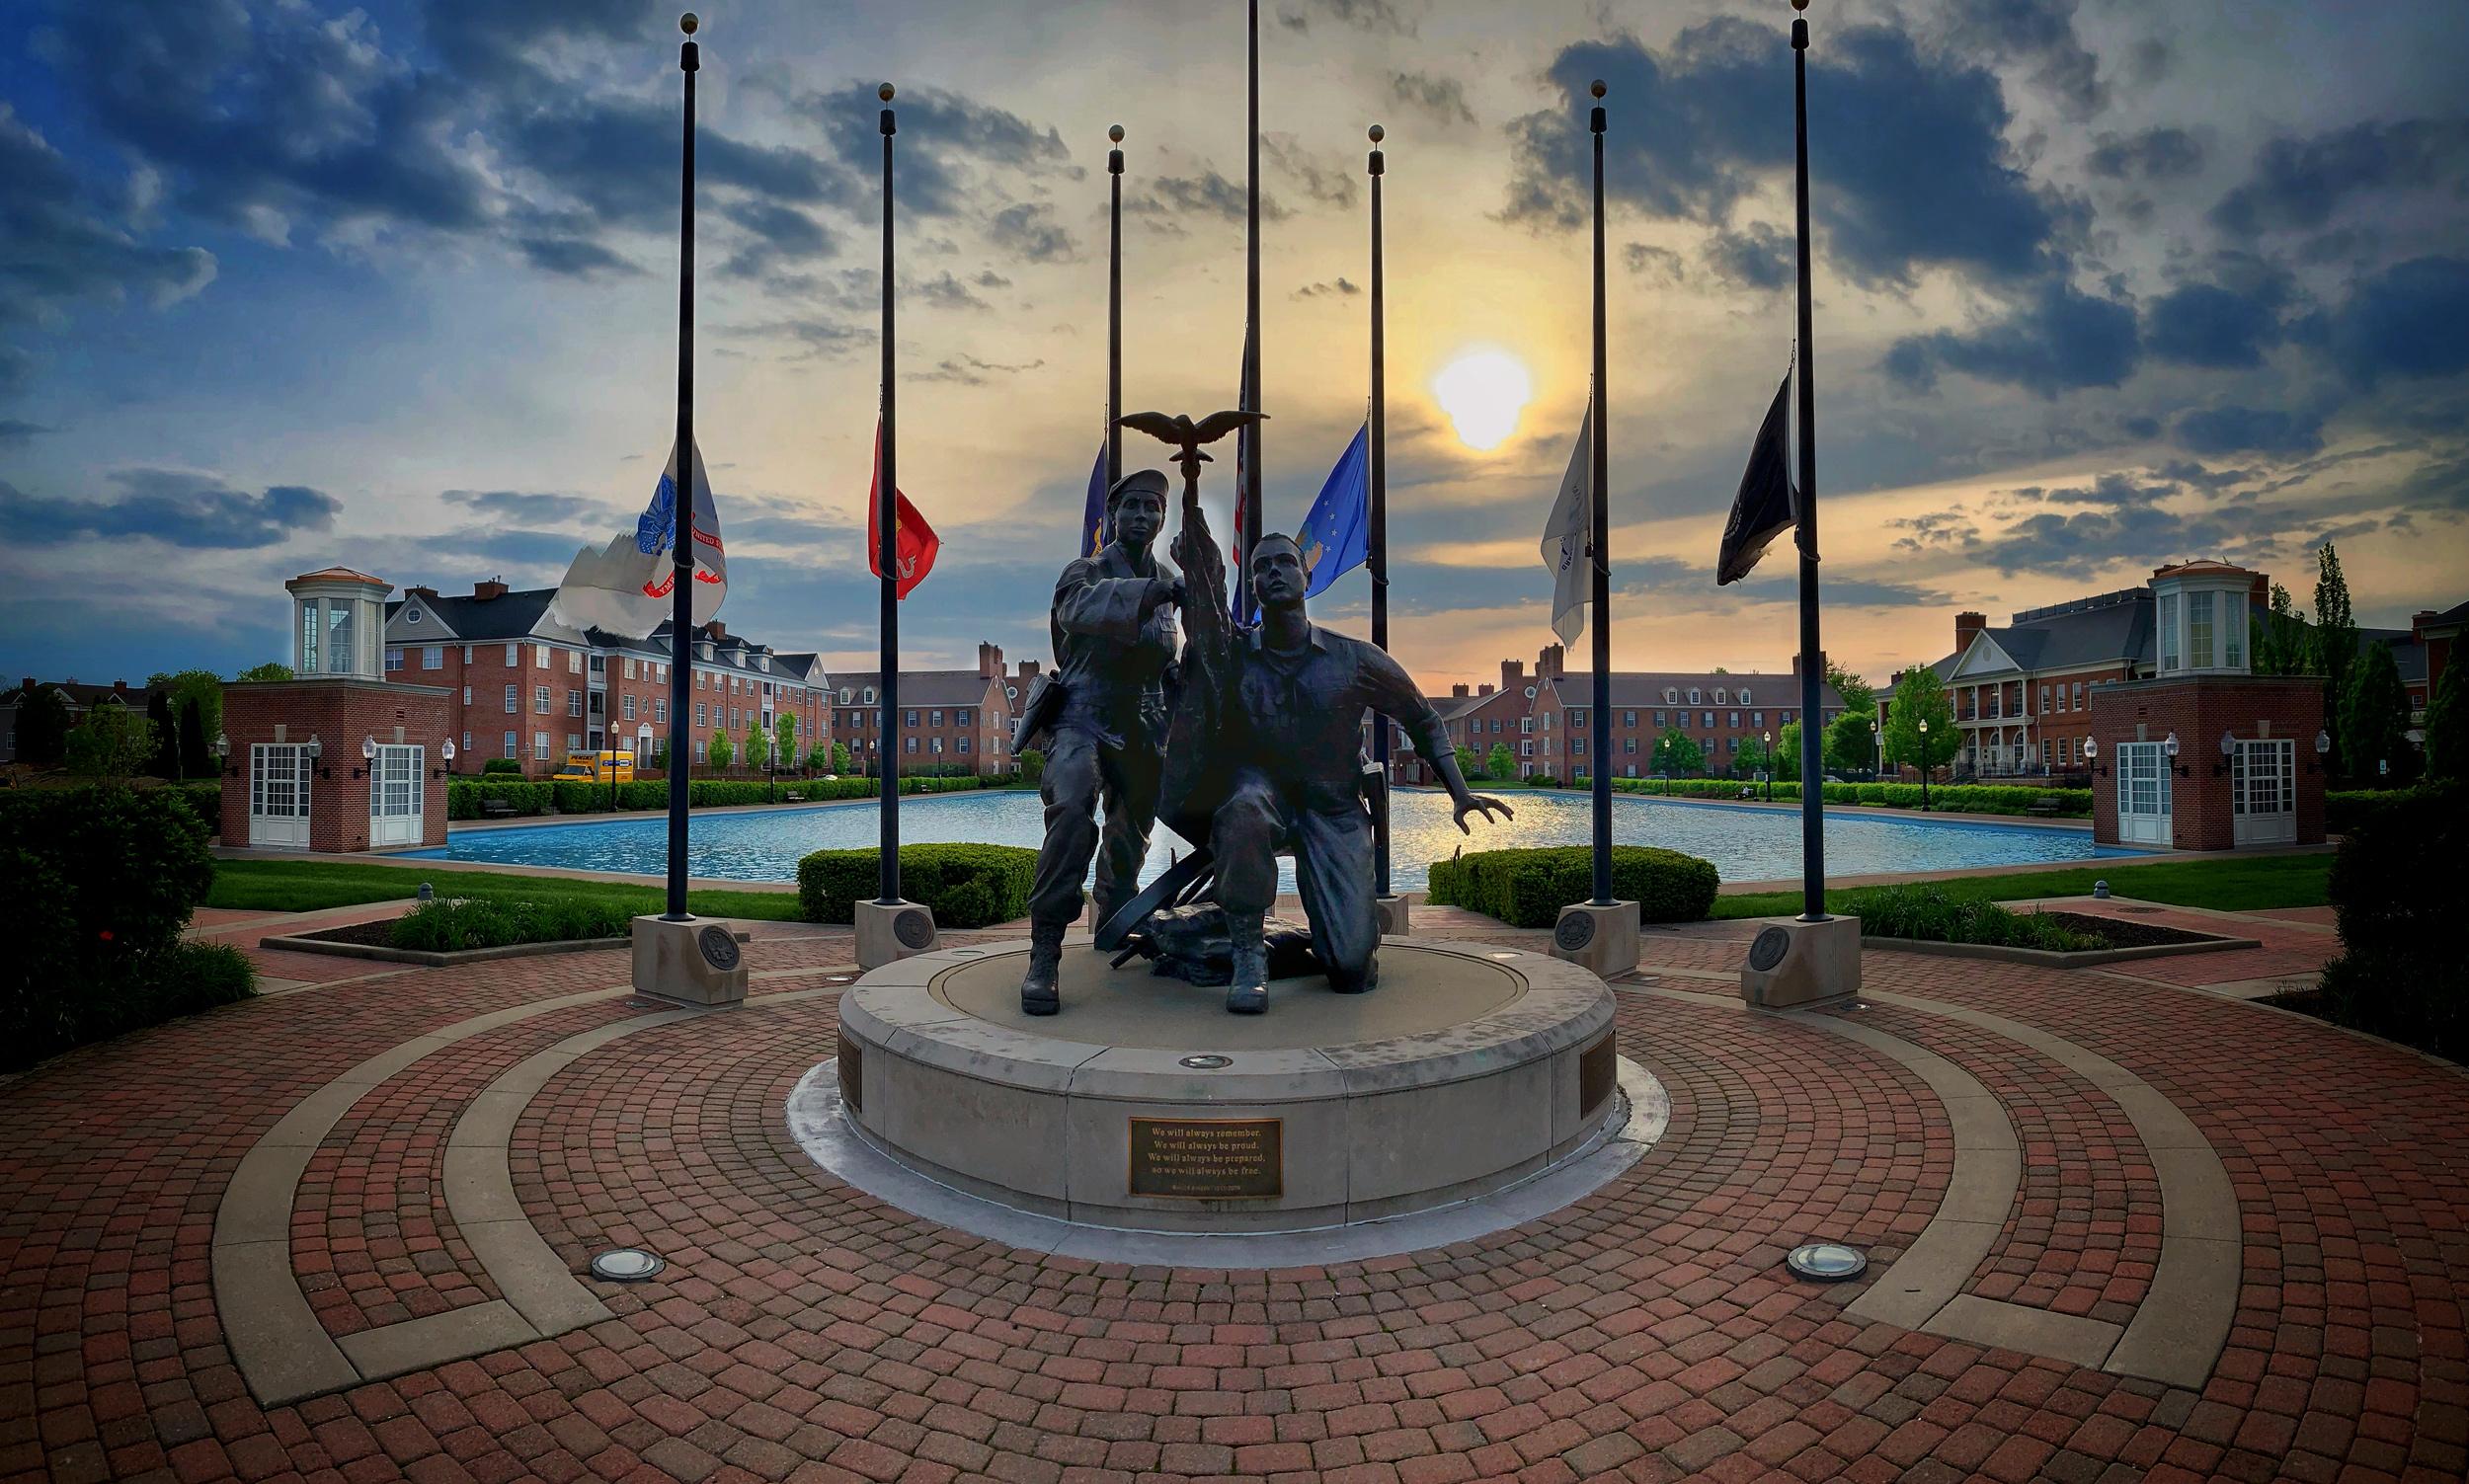 War Memorial in Carmel, Indiana